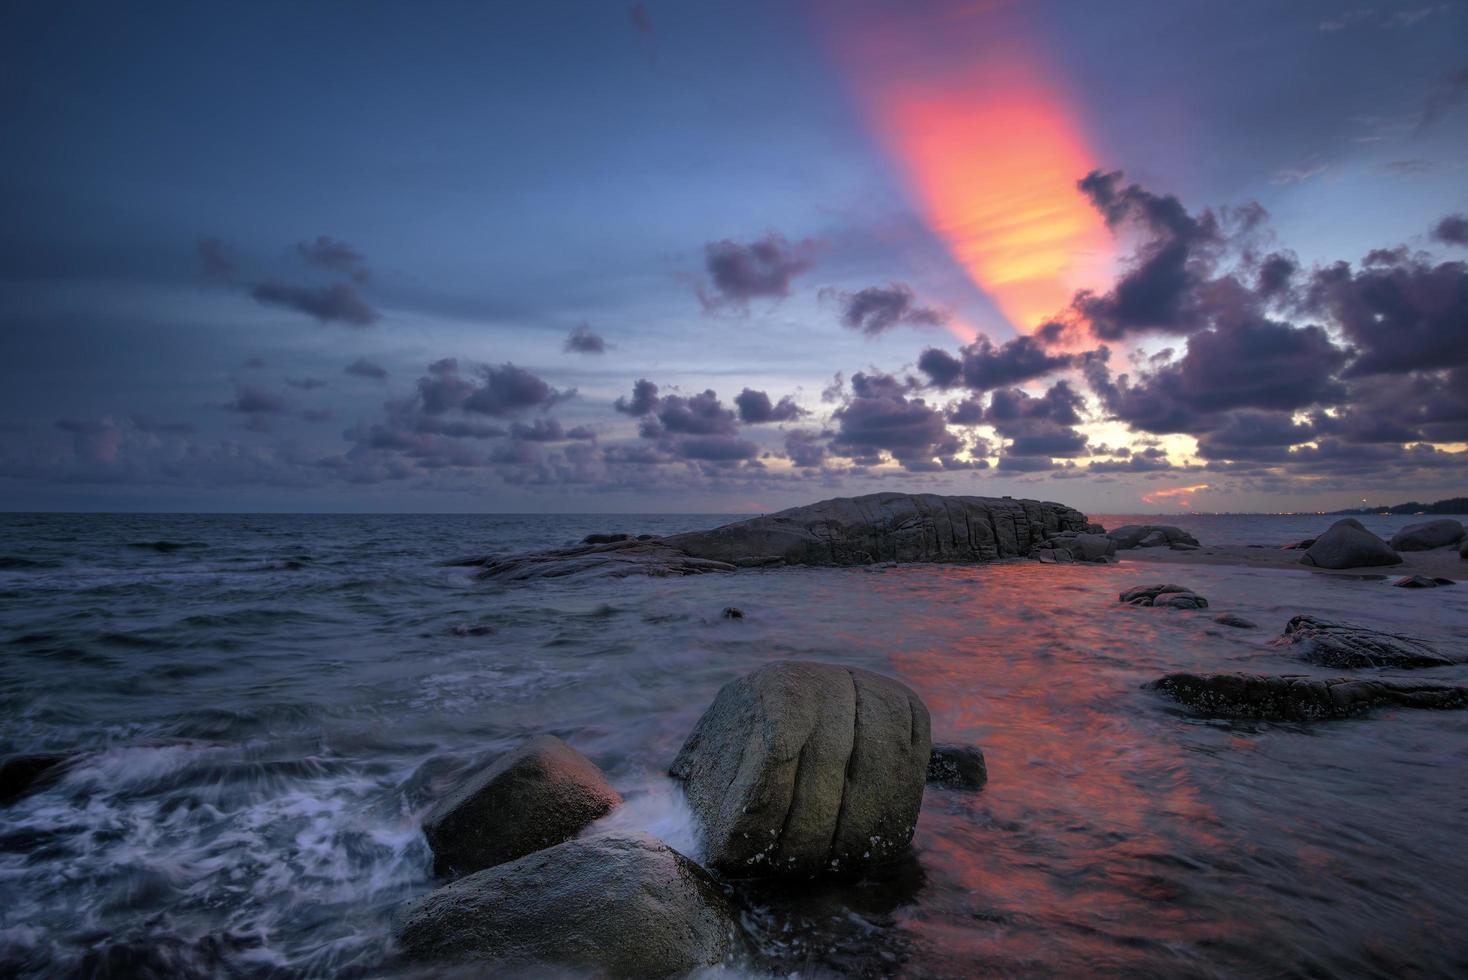 skymning över havet foto